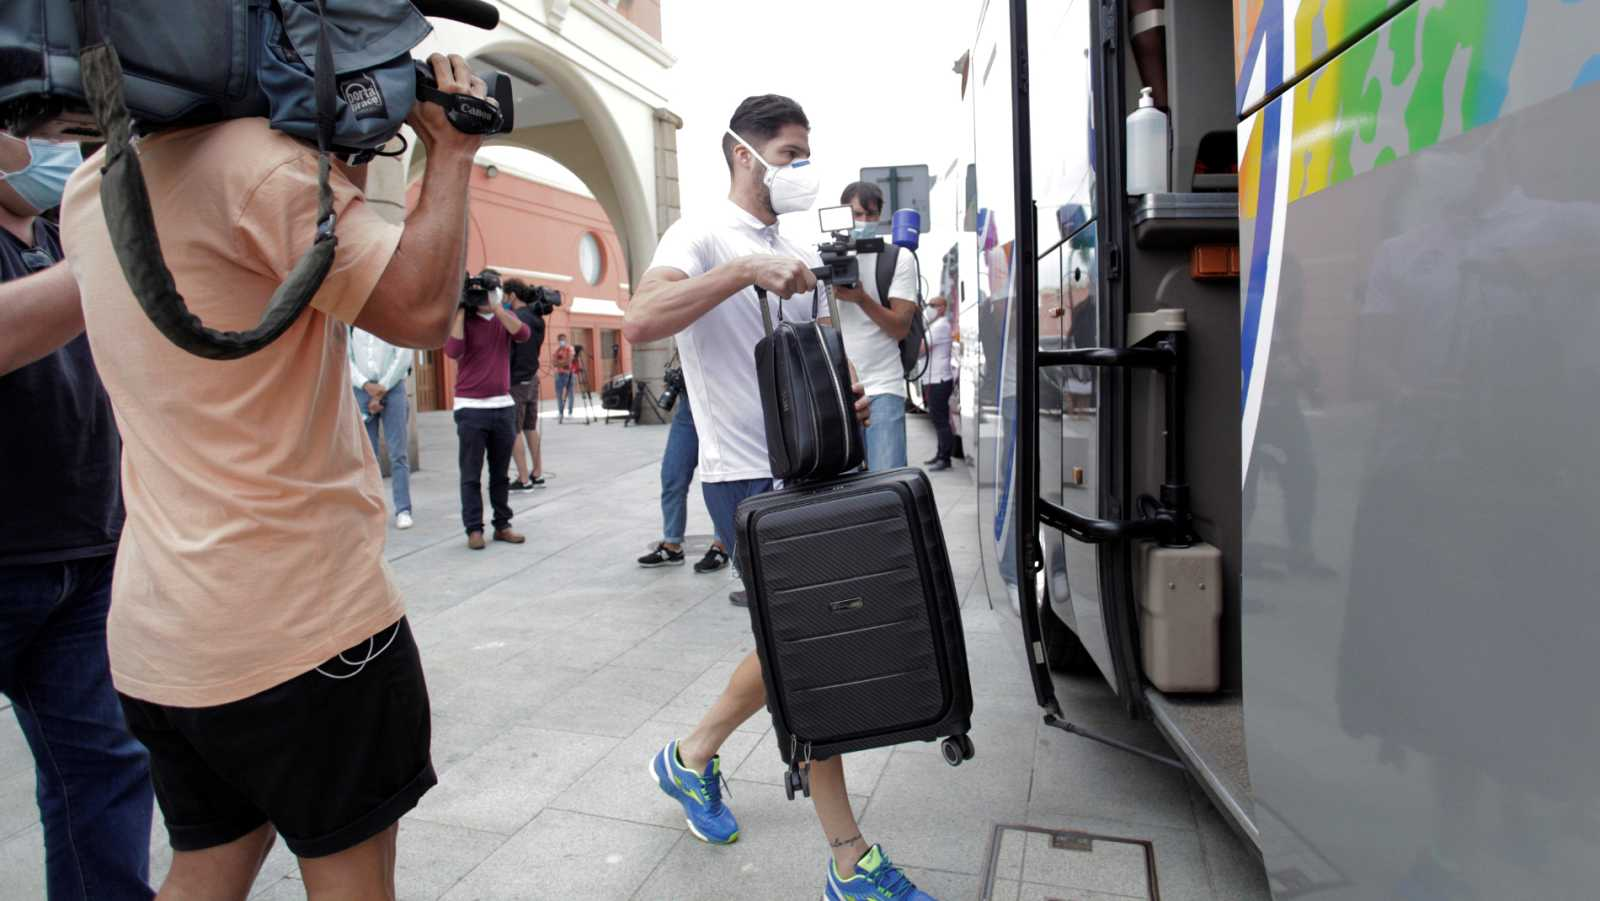 Vídeo: Los 33 integrantes del Fuenlabrada que han recibido el alta en A Coruña abandonan el hotel